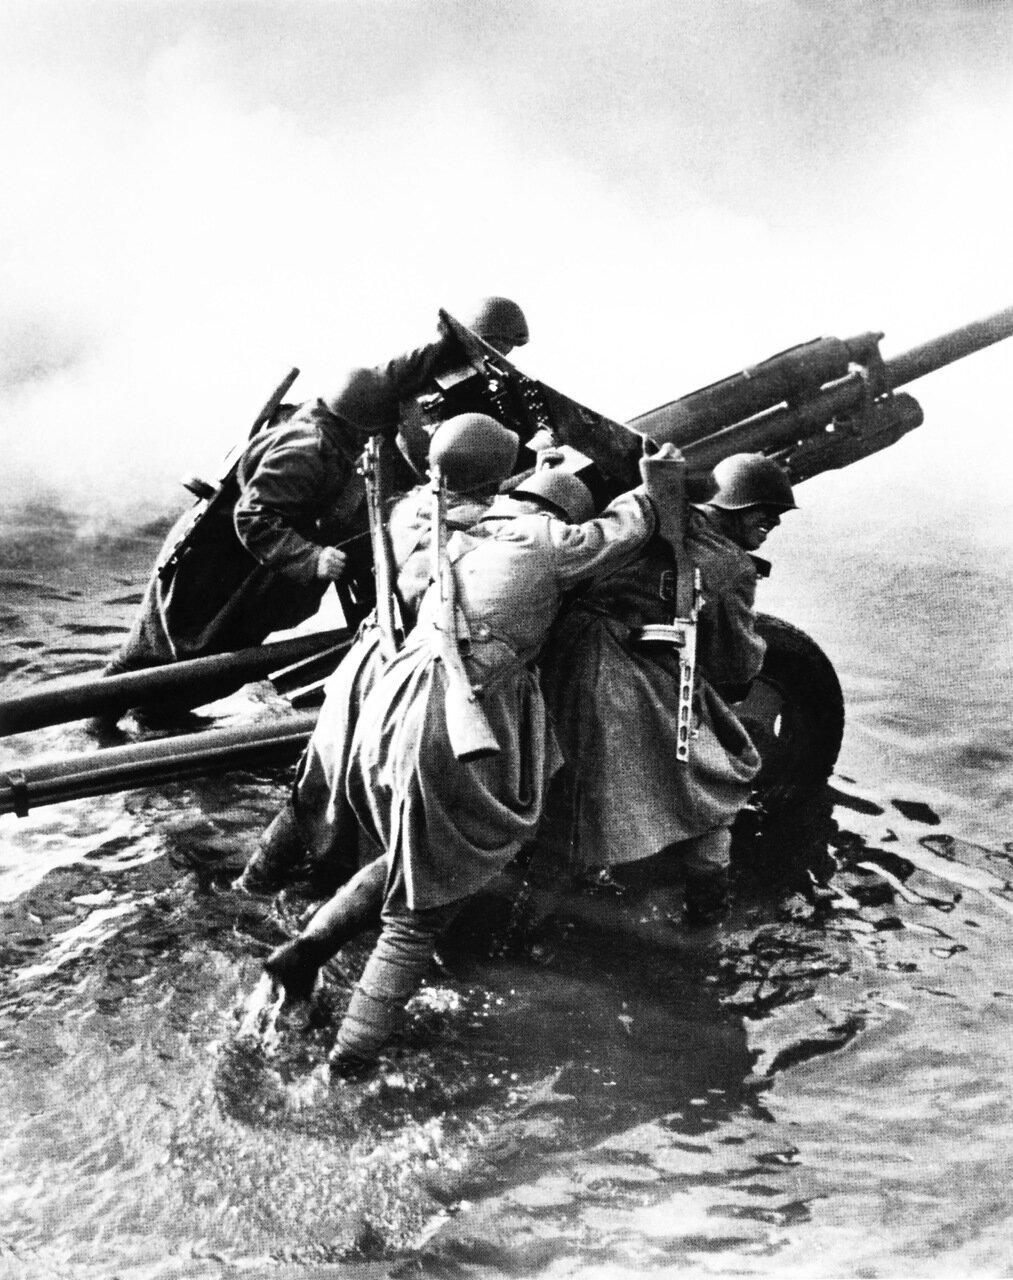 Советские артиллеристы транспортируют 76-мм дивизионную пушку ЗиС-3 во время форсирования Одера. Германия. Декабрь 1944